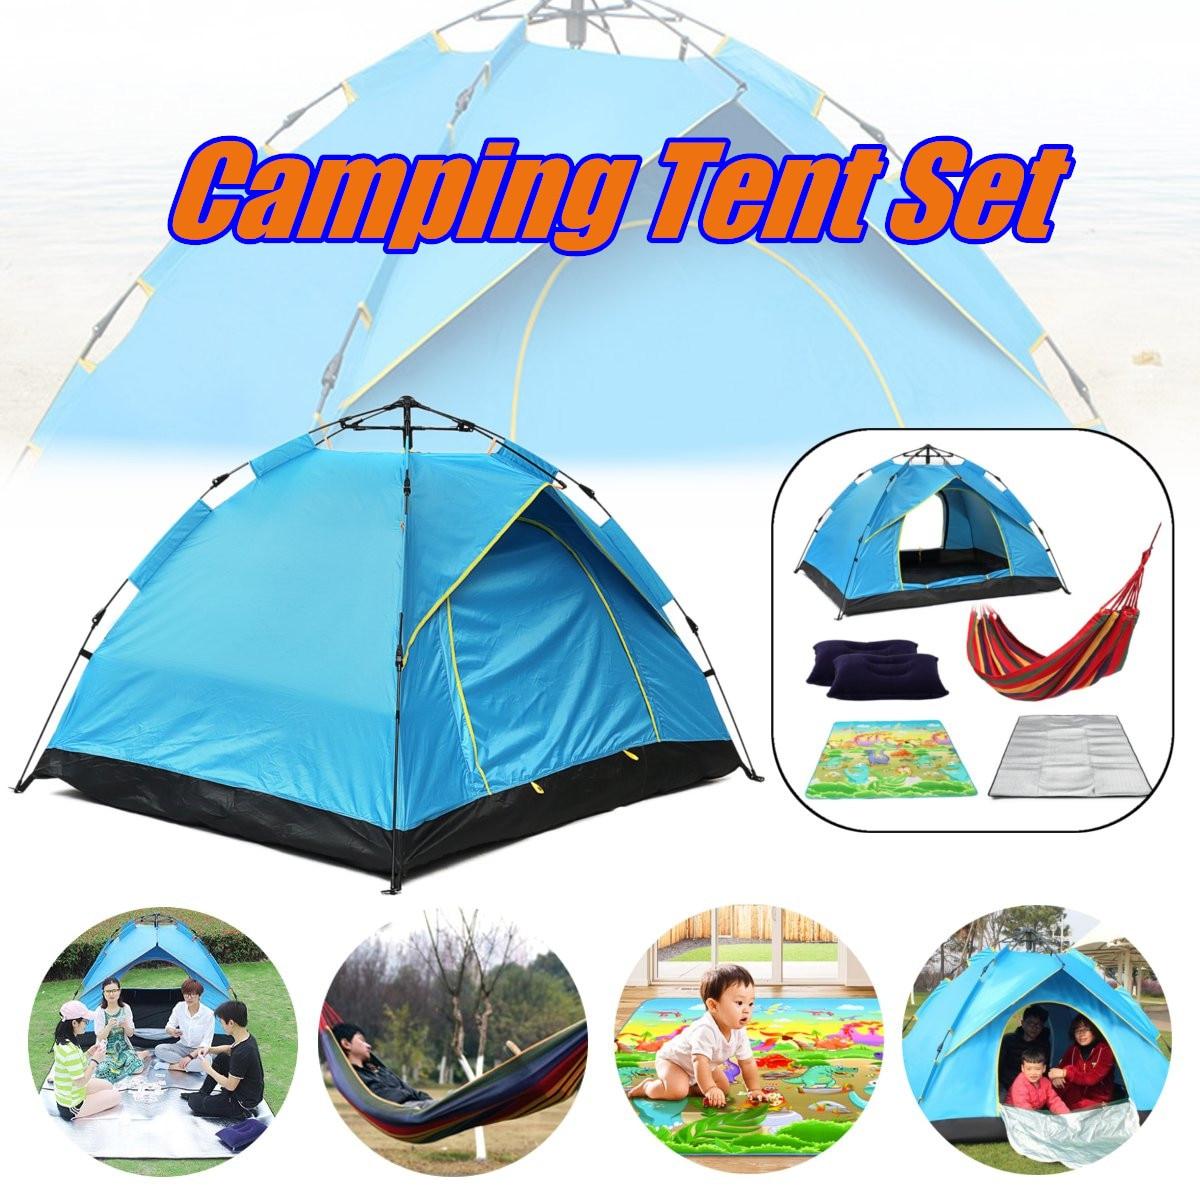 Automatique Camping Tente 2 Personnes Tente Instantanée Pop Up Ouvert Anti UV Auvent Tentes avec Hamac Pique-Nique Tapis 2 xPad oreiller